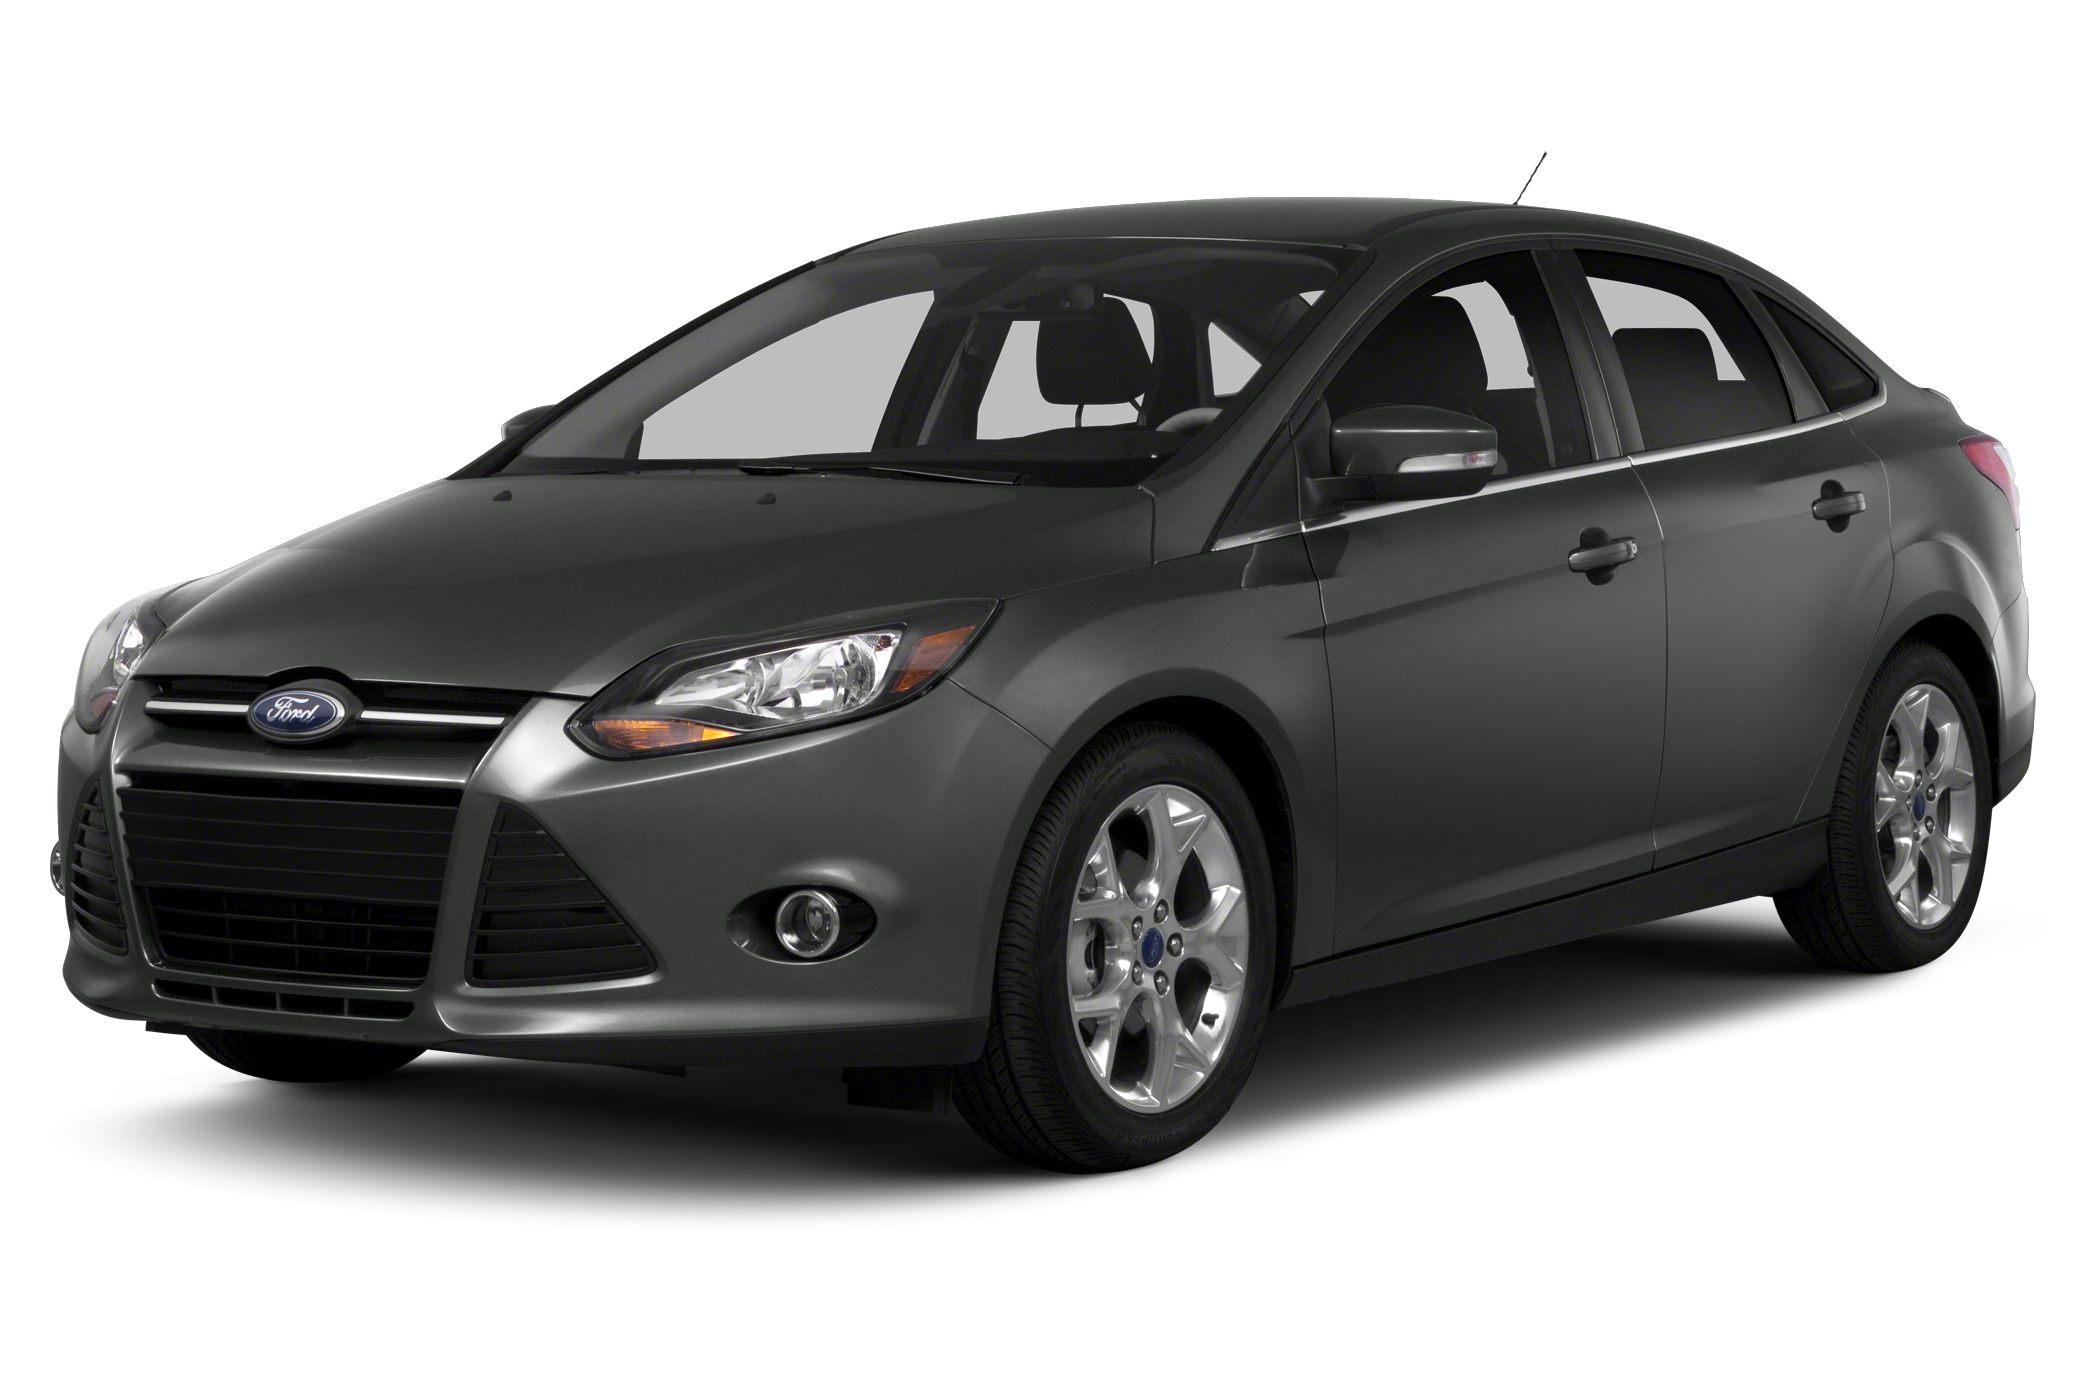 2014 ford focus titanium 4dr sedan pricing and options - Ford Focus 2014